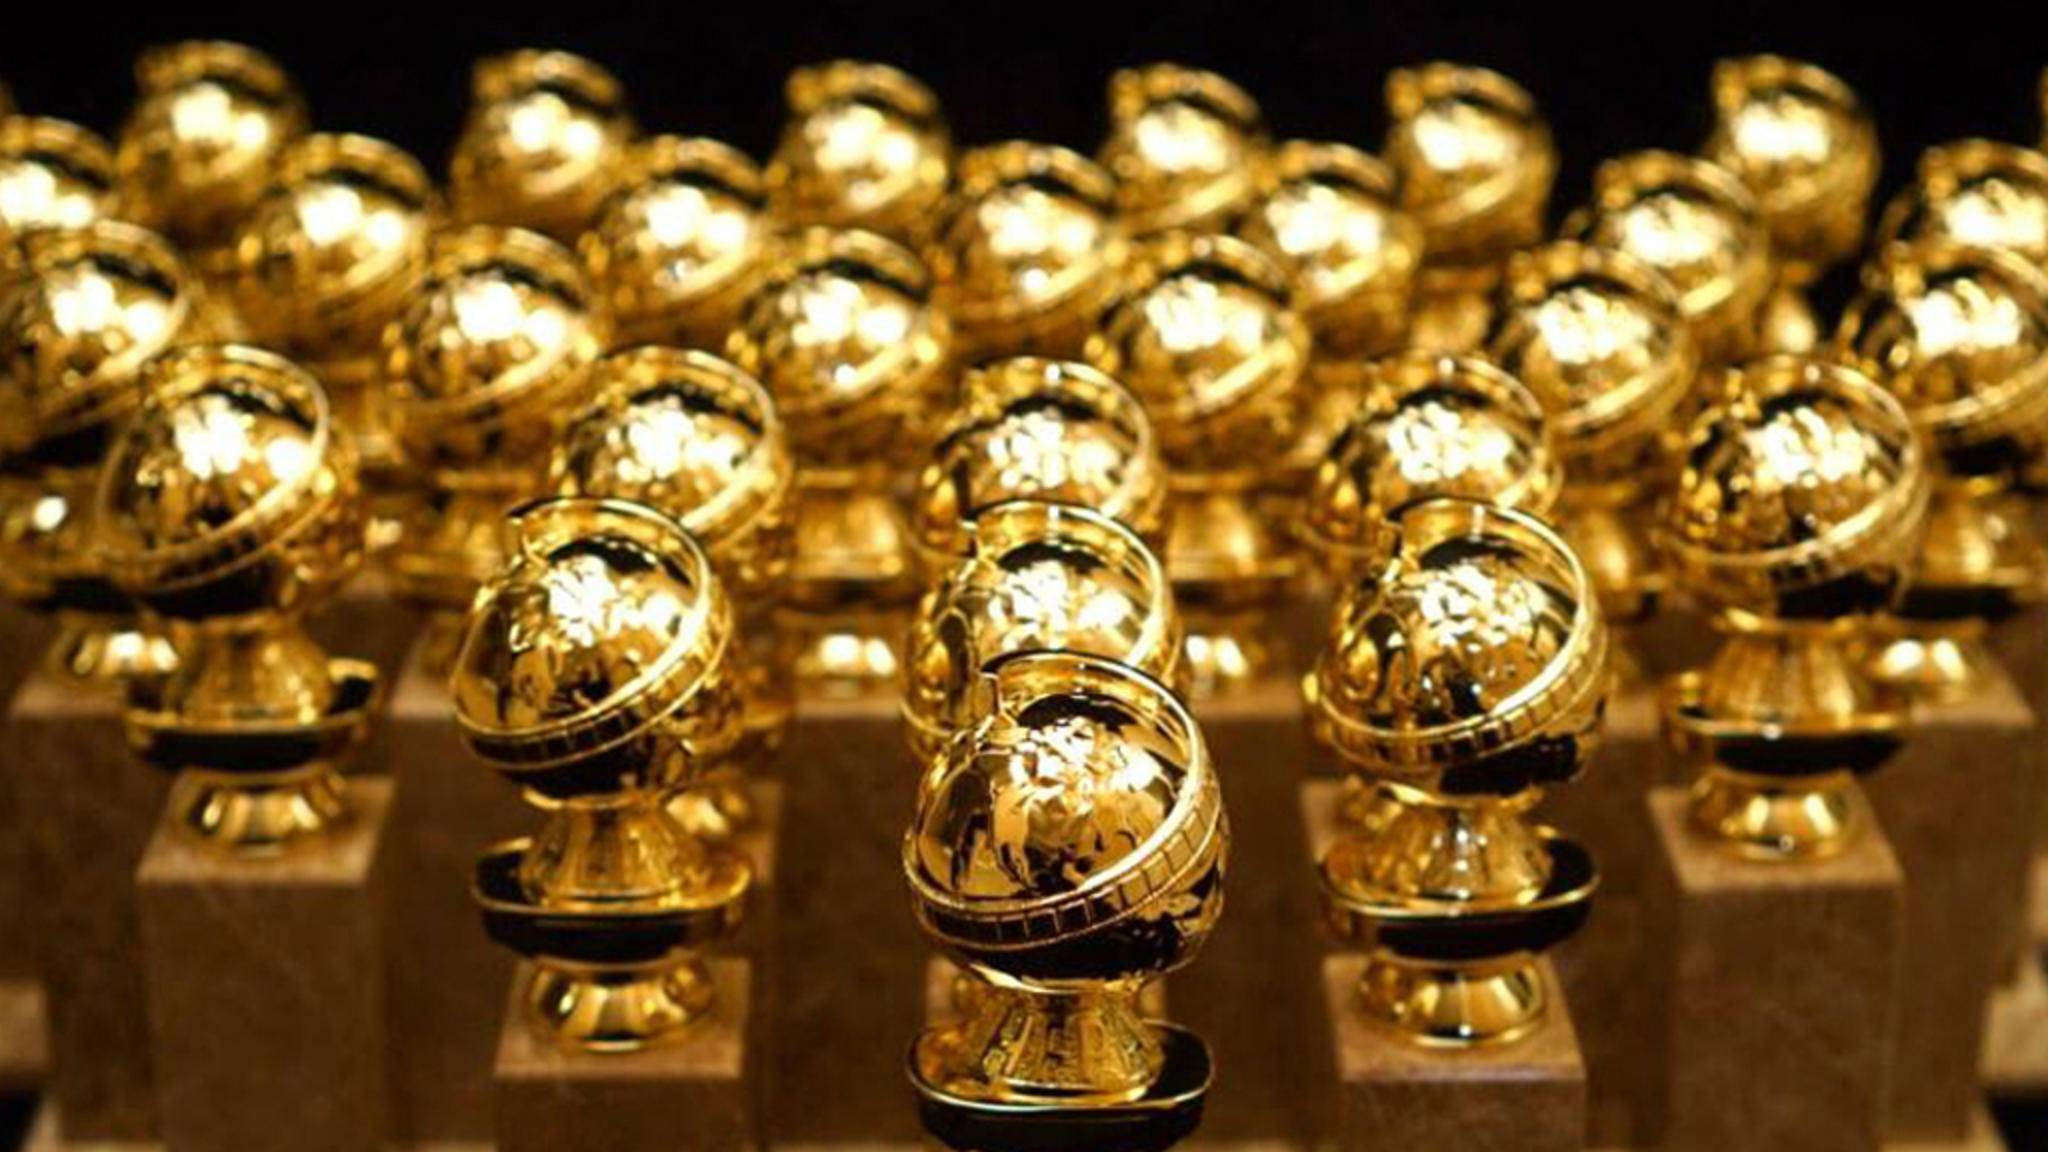 Die Golden Globes werden dieses Jahr erst Ende Februar verliehen.